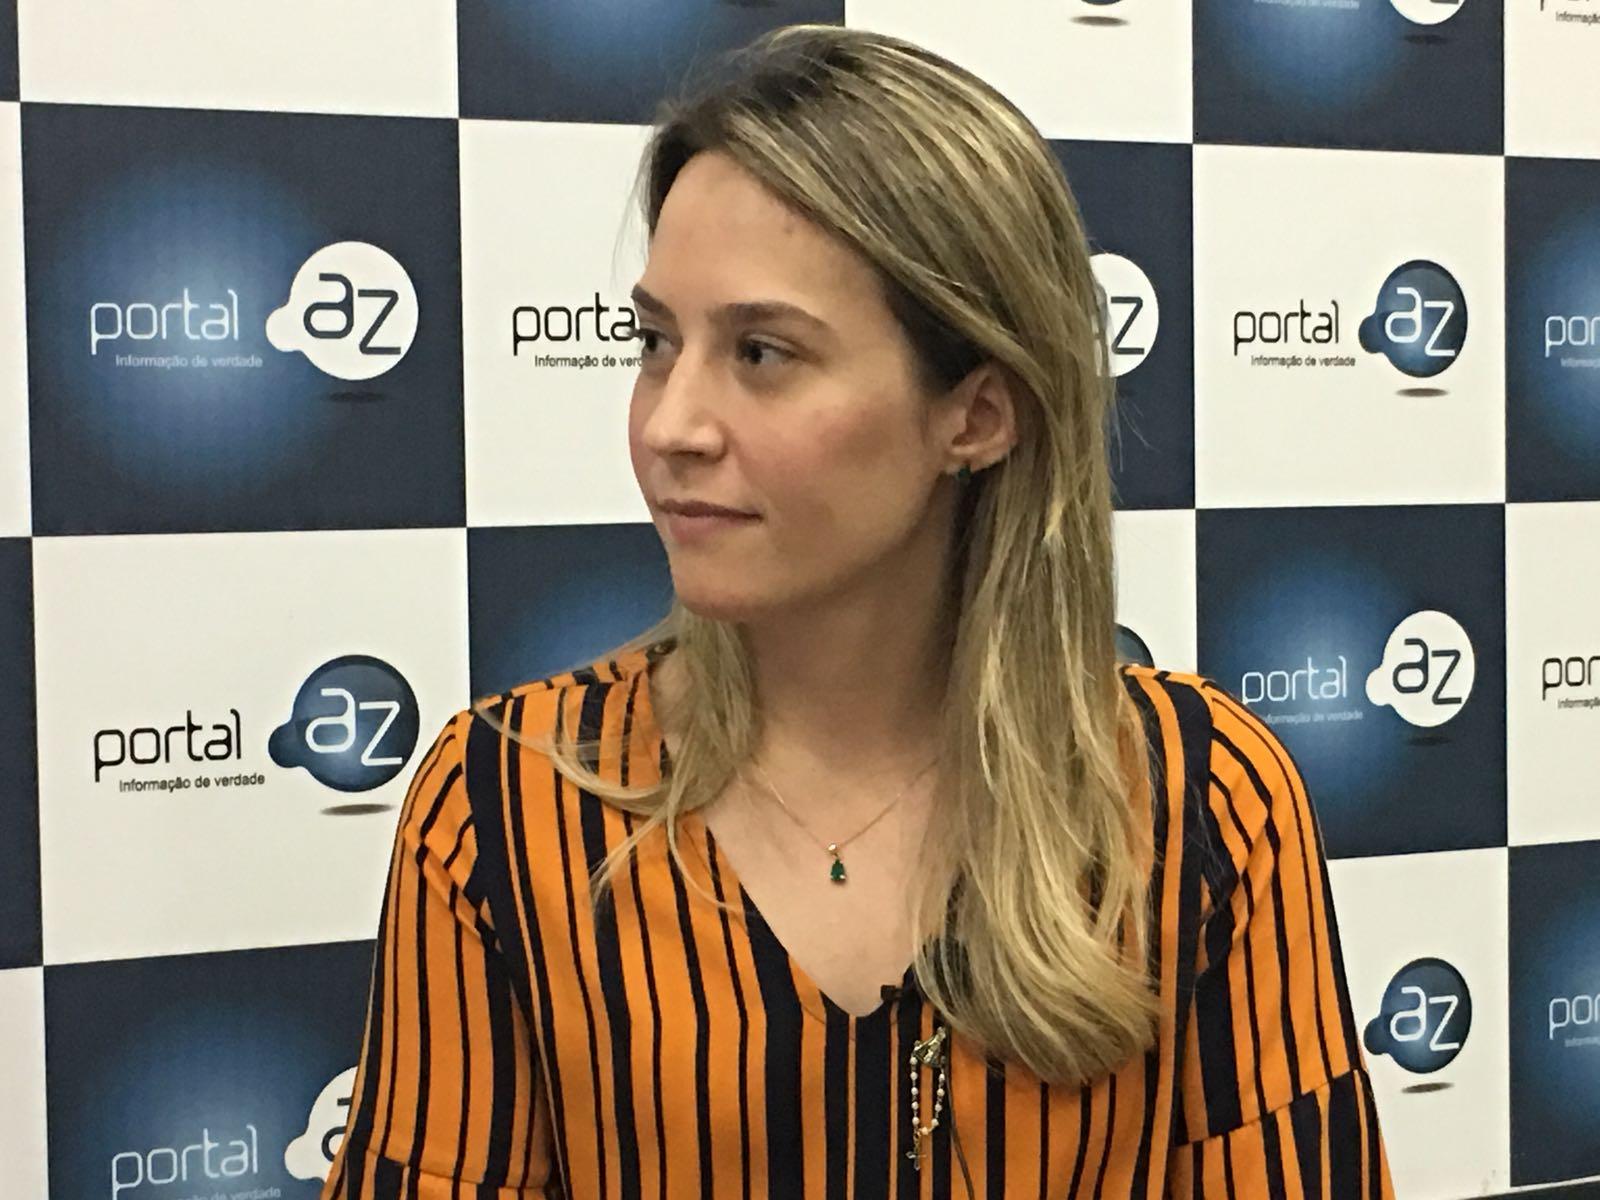 Candidata a vice de Dr. Pessoa, Vanessa Tapety,  promete ir em busca do apoio do MDB